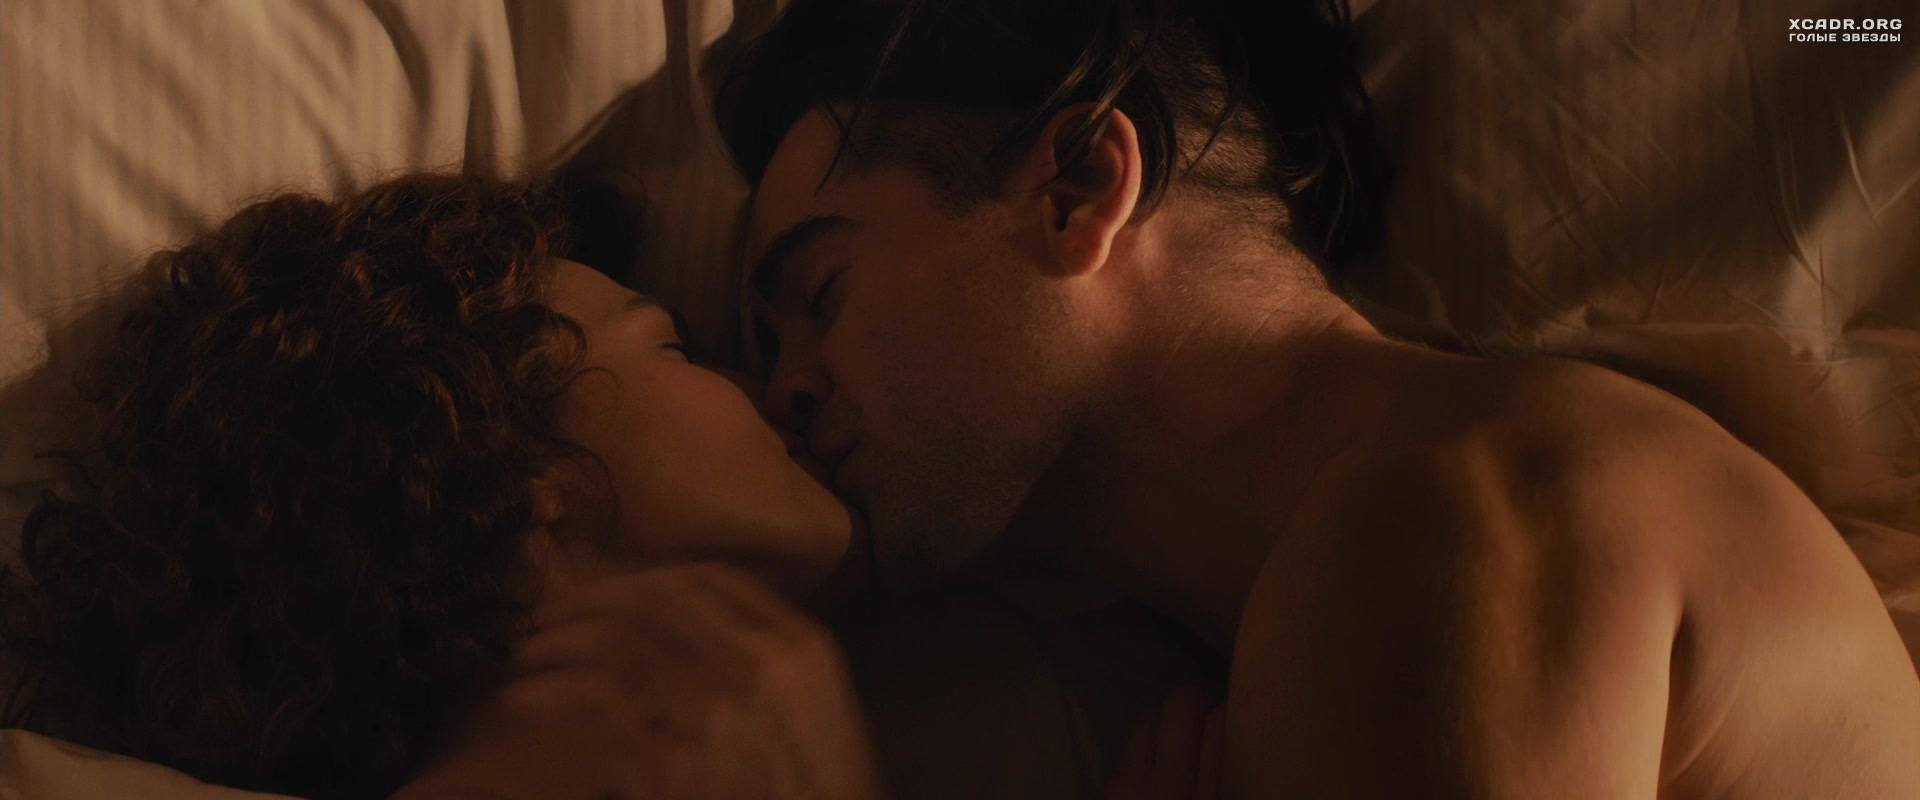 romanticheskiy-seks-kino